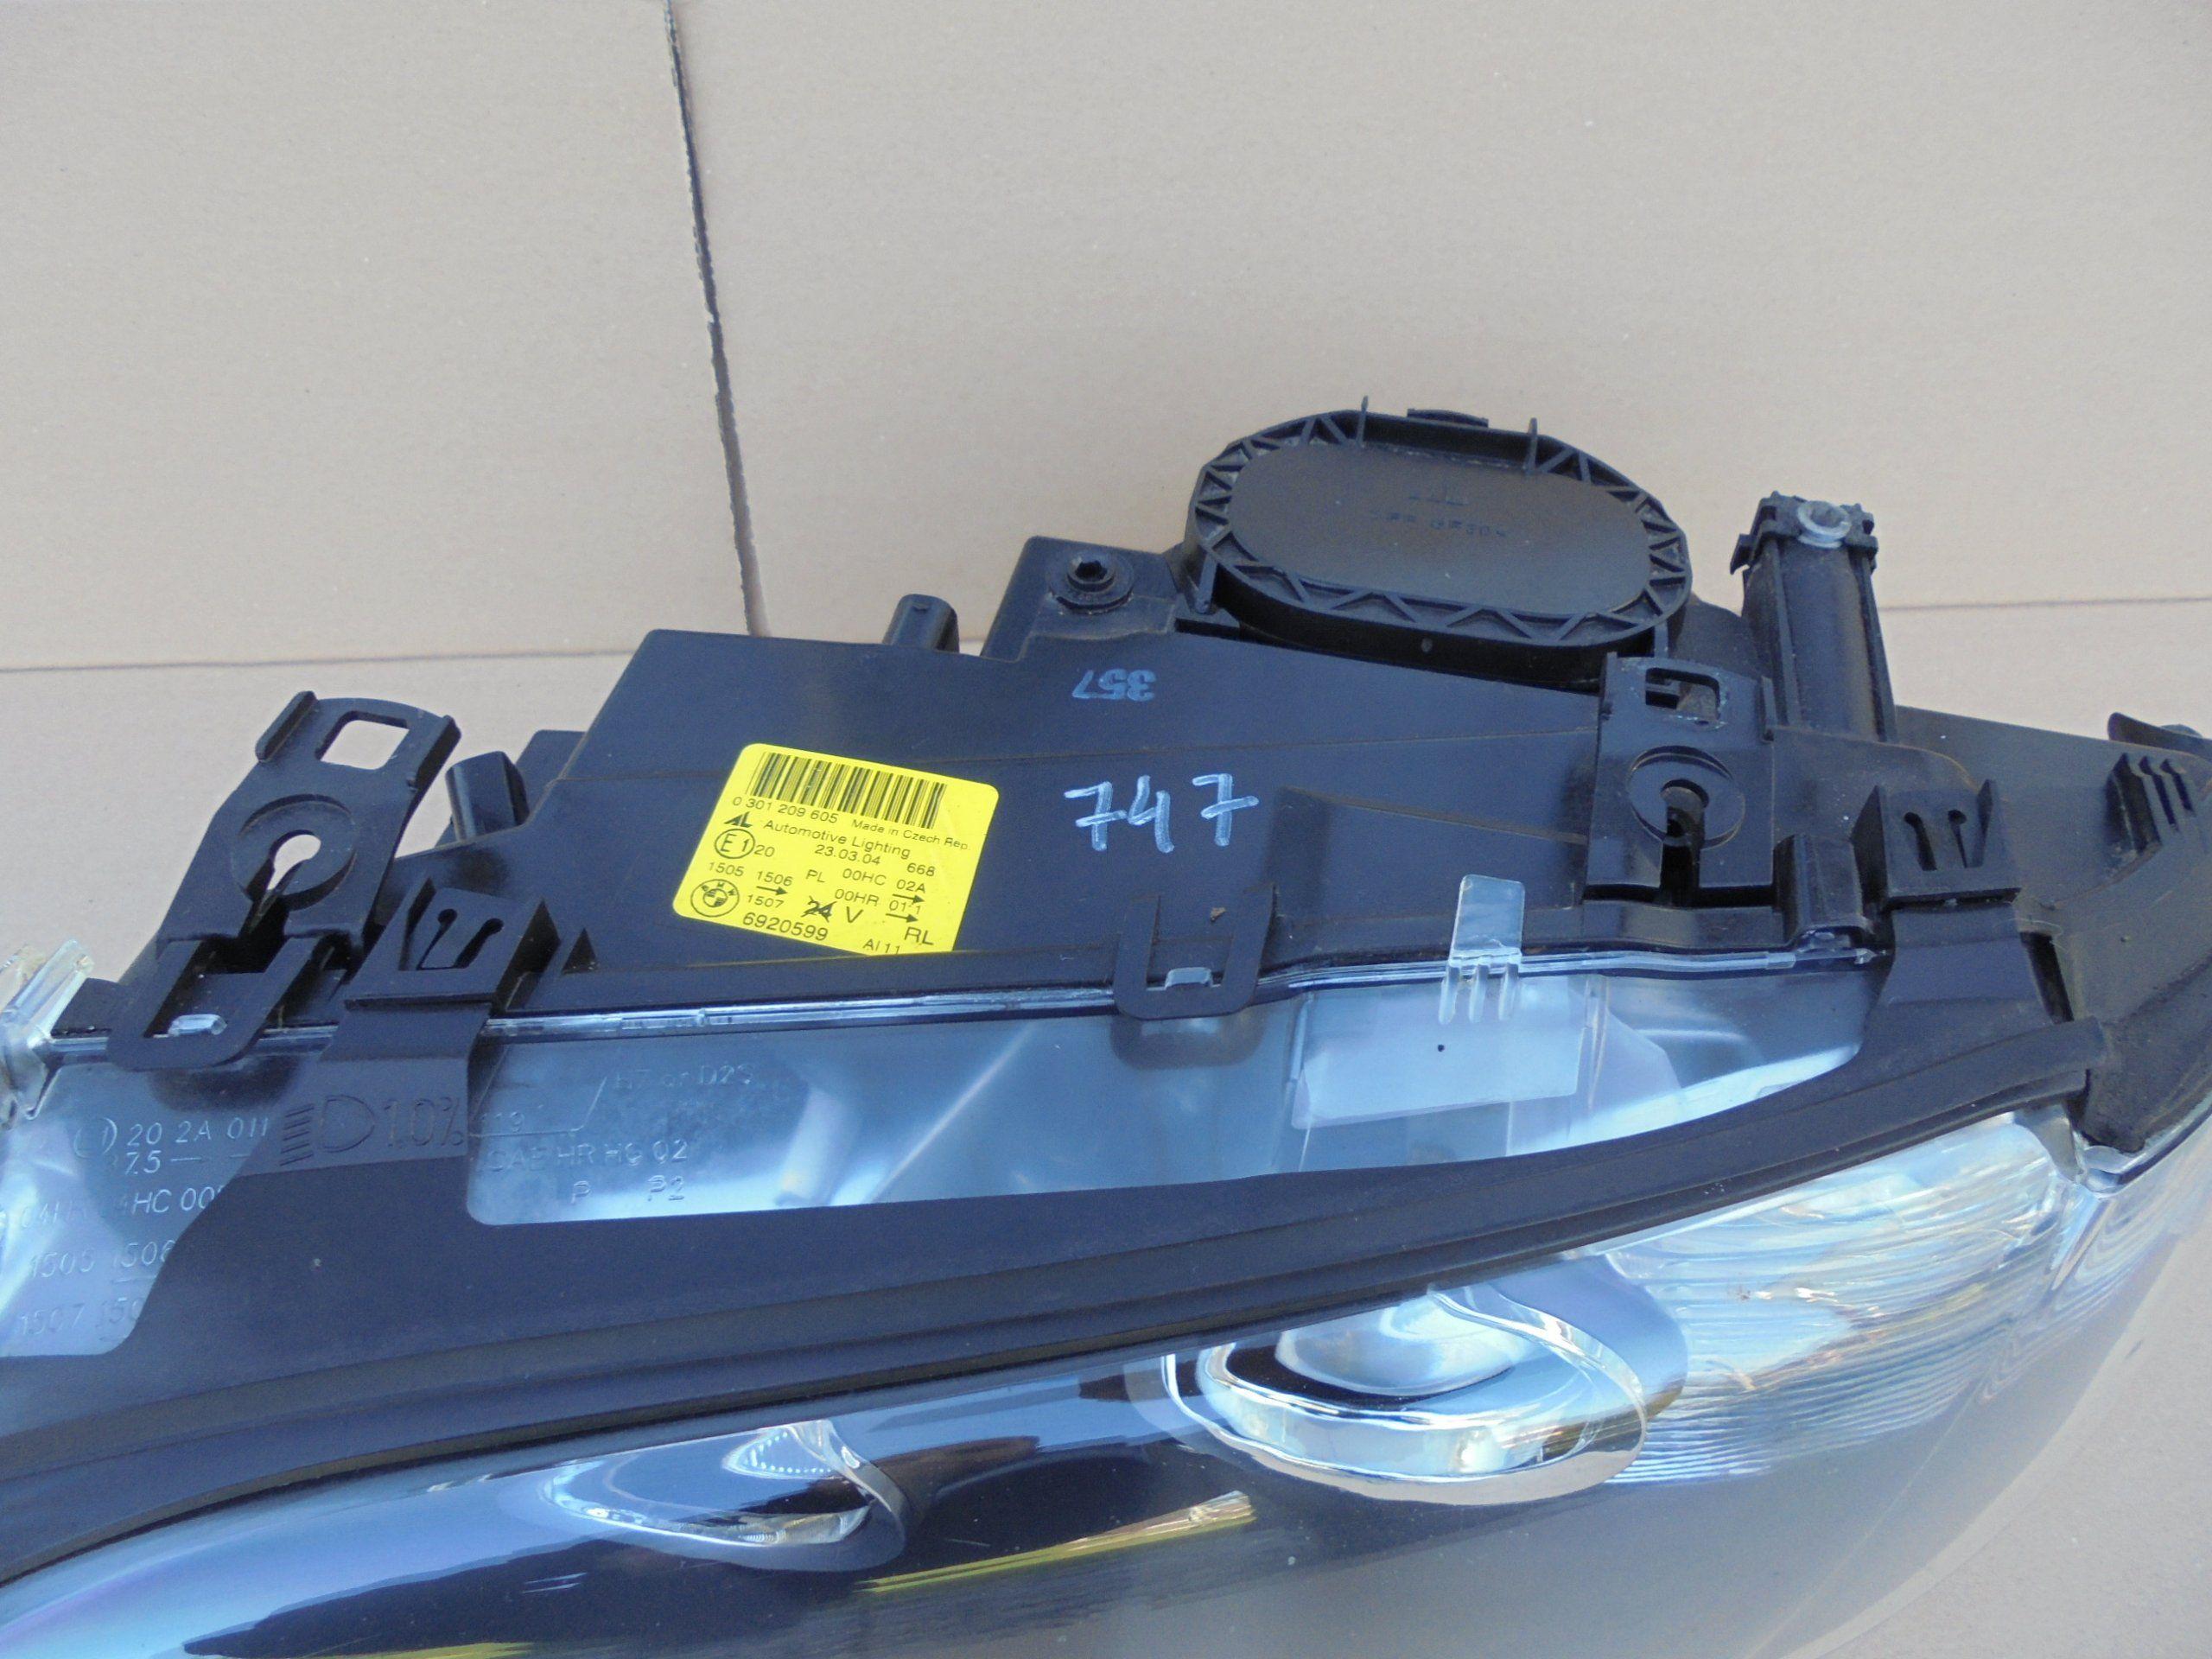 089e4422c Lampa przód lewa BMW E46 coupe cabrio 02-06 - 7125017096 - oficjalne  archiwum allegro